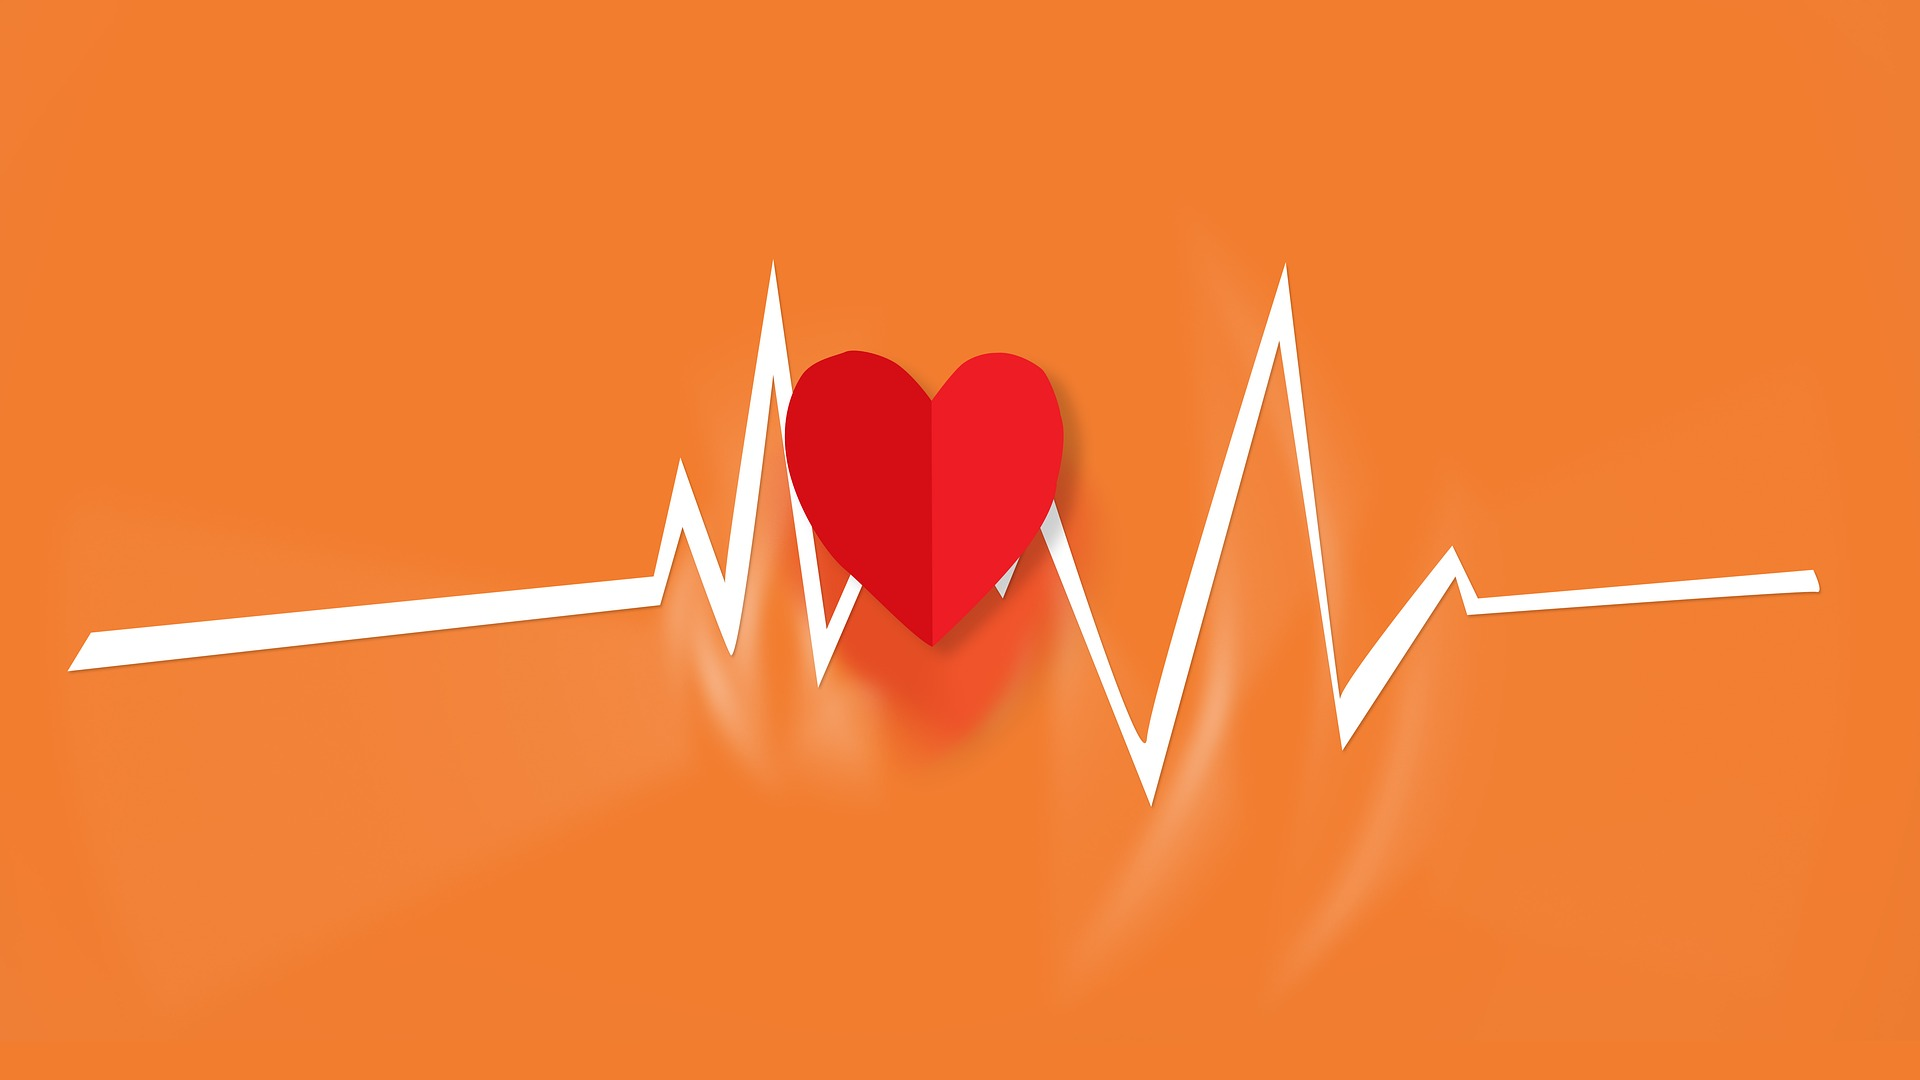 フルマラソンを完走するために、自身の心肺機能と一度向き合ってみよう!